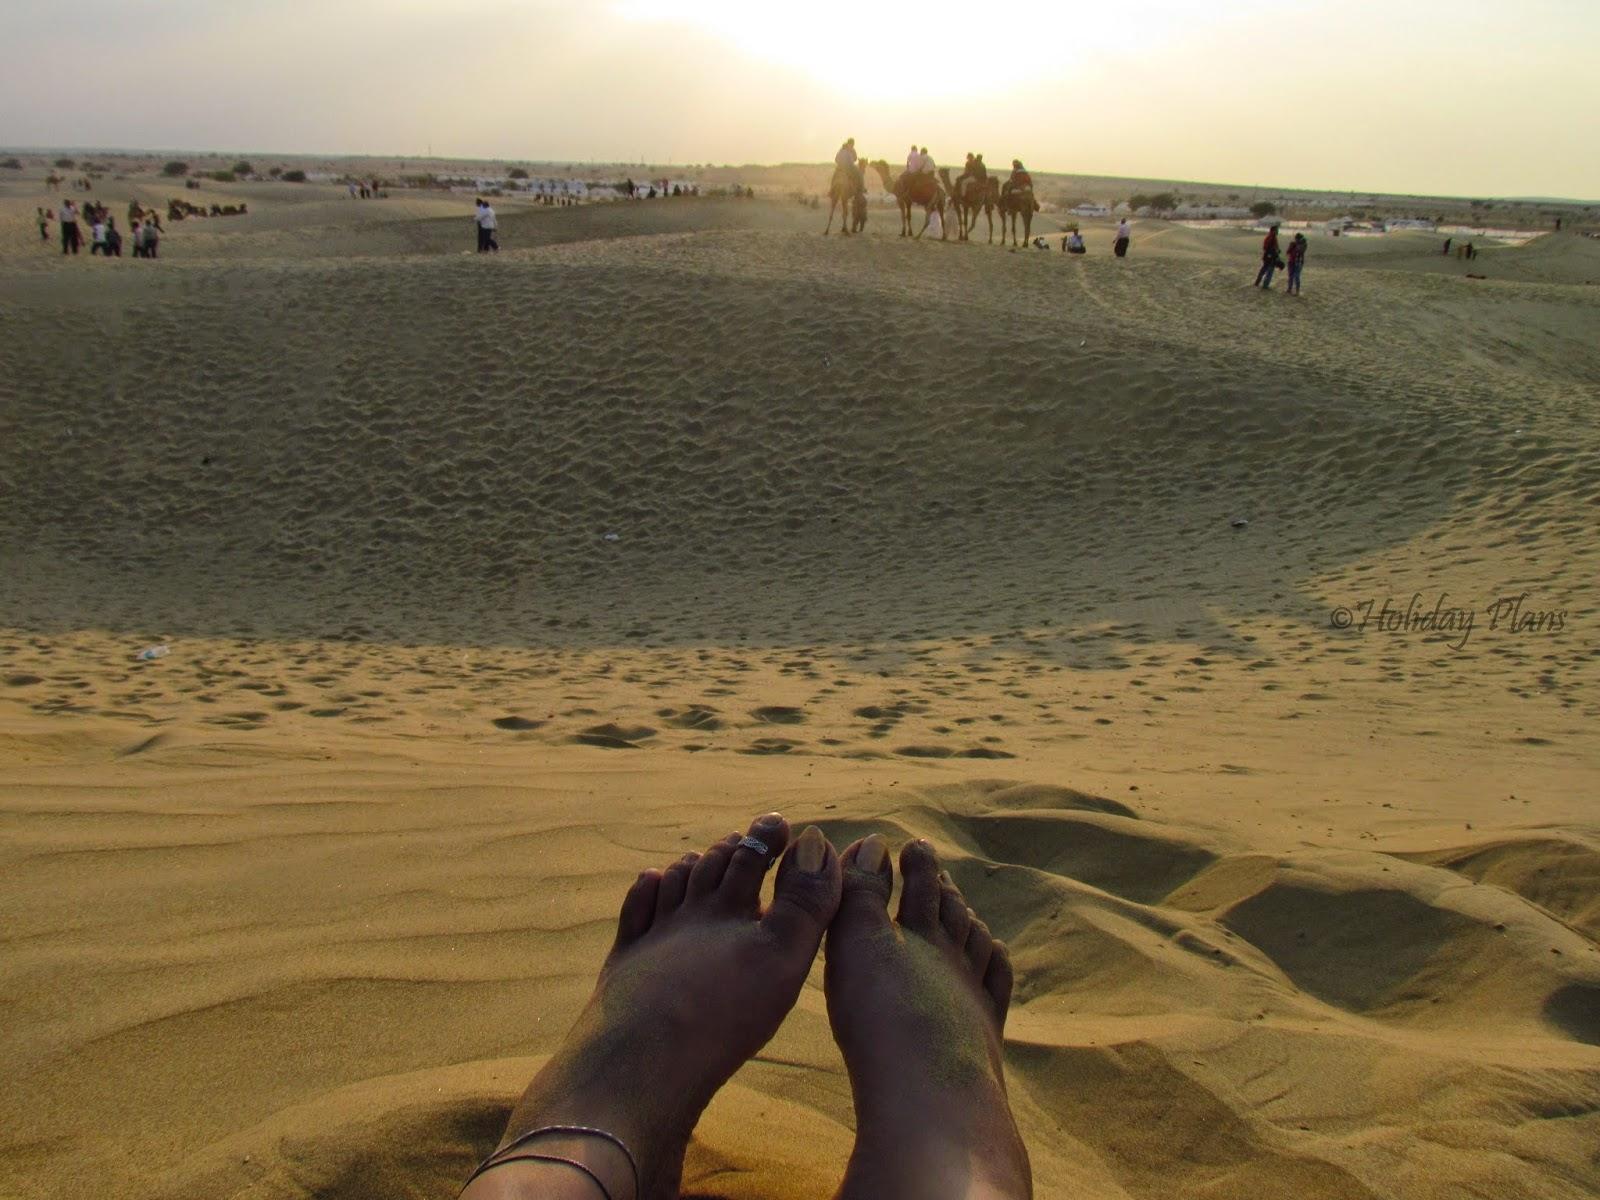 Thar Desert-Camels